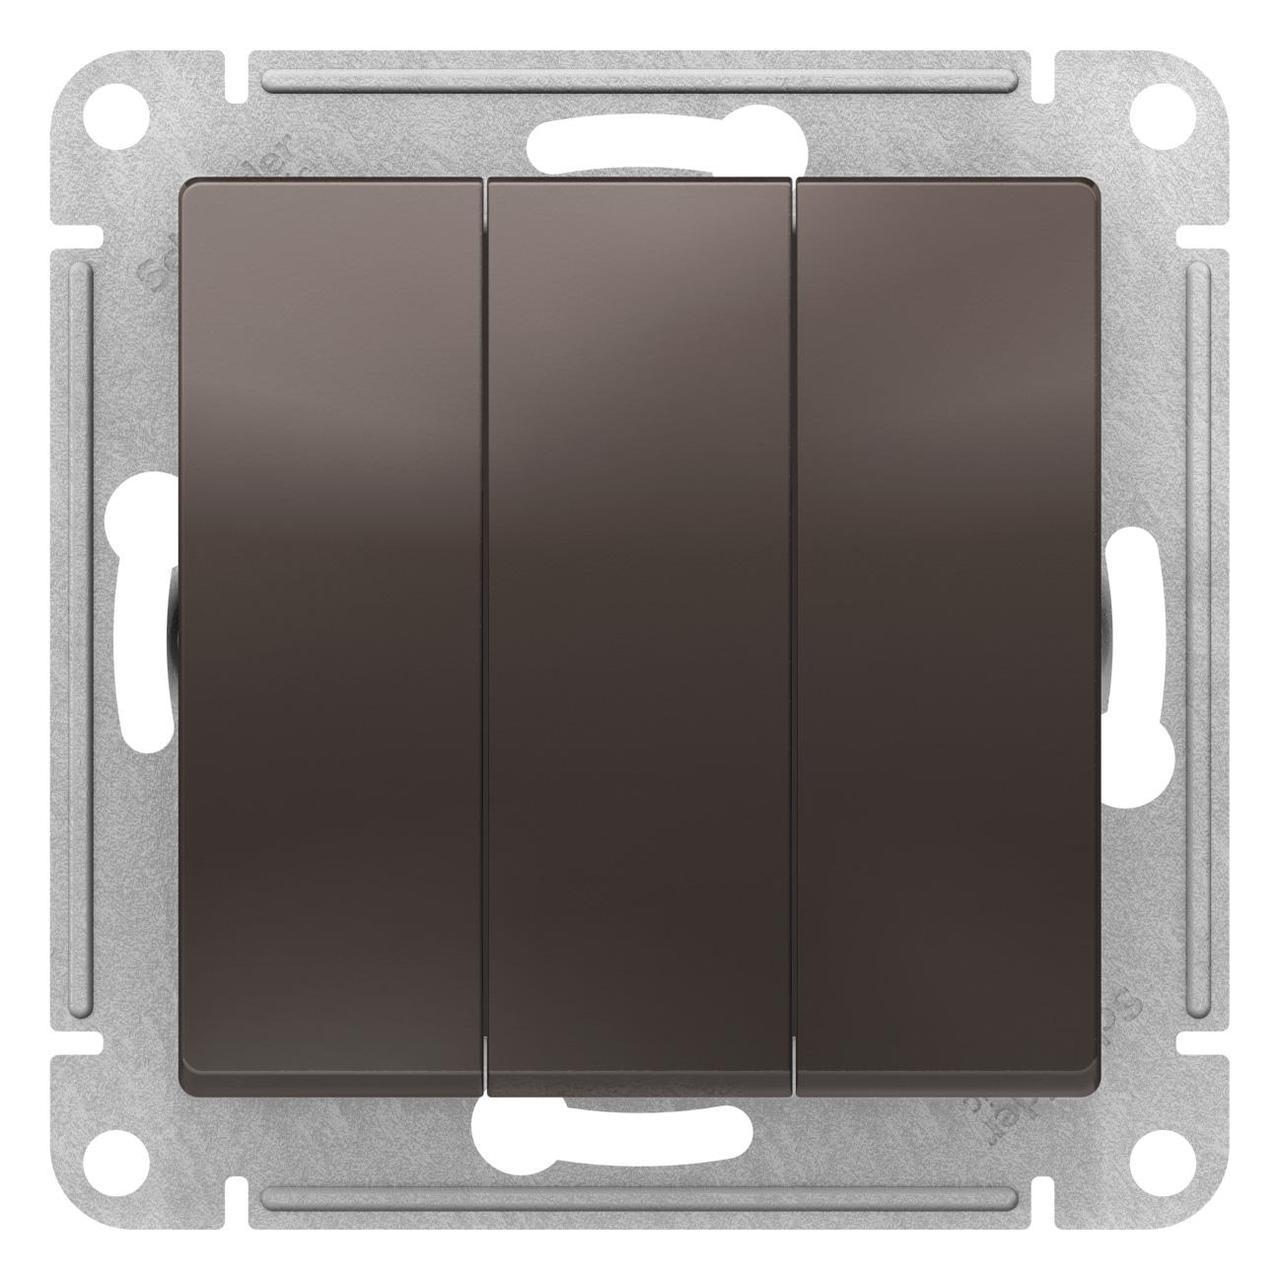 Выключатель 3-клавишный , Мокко, серия Atlas Design, Schneider Electric